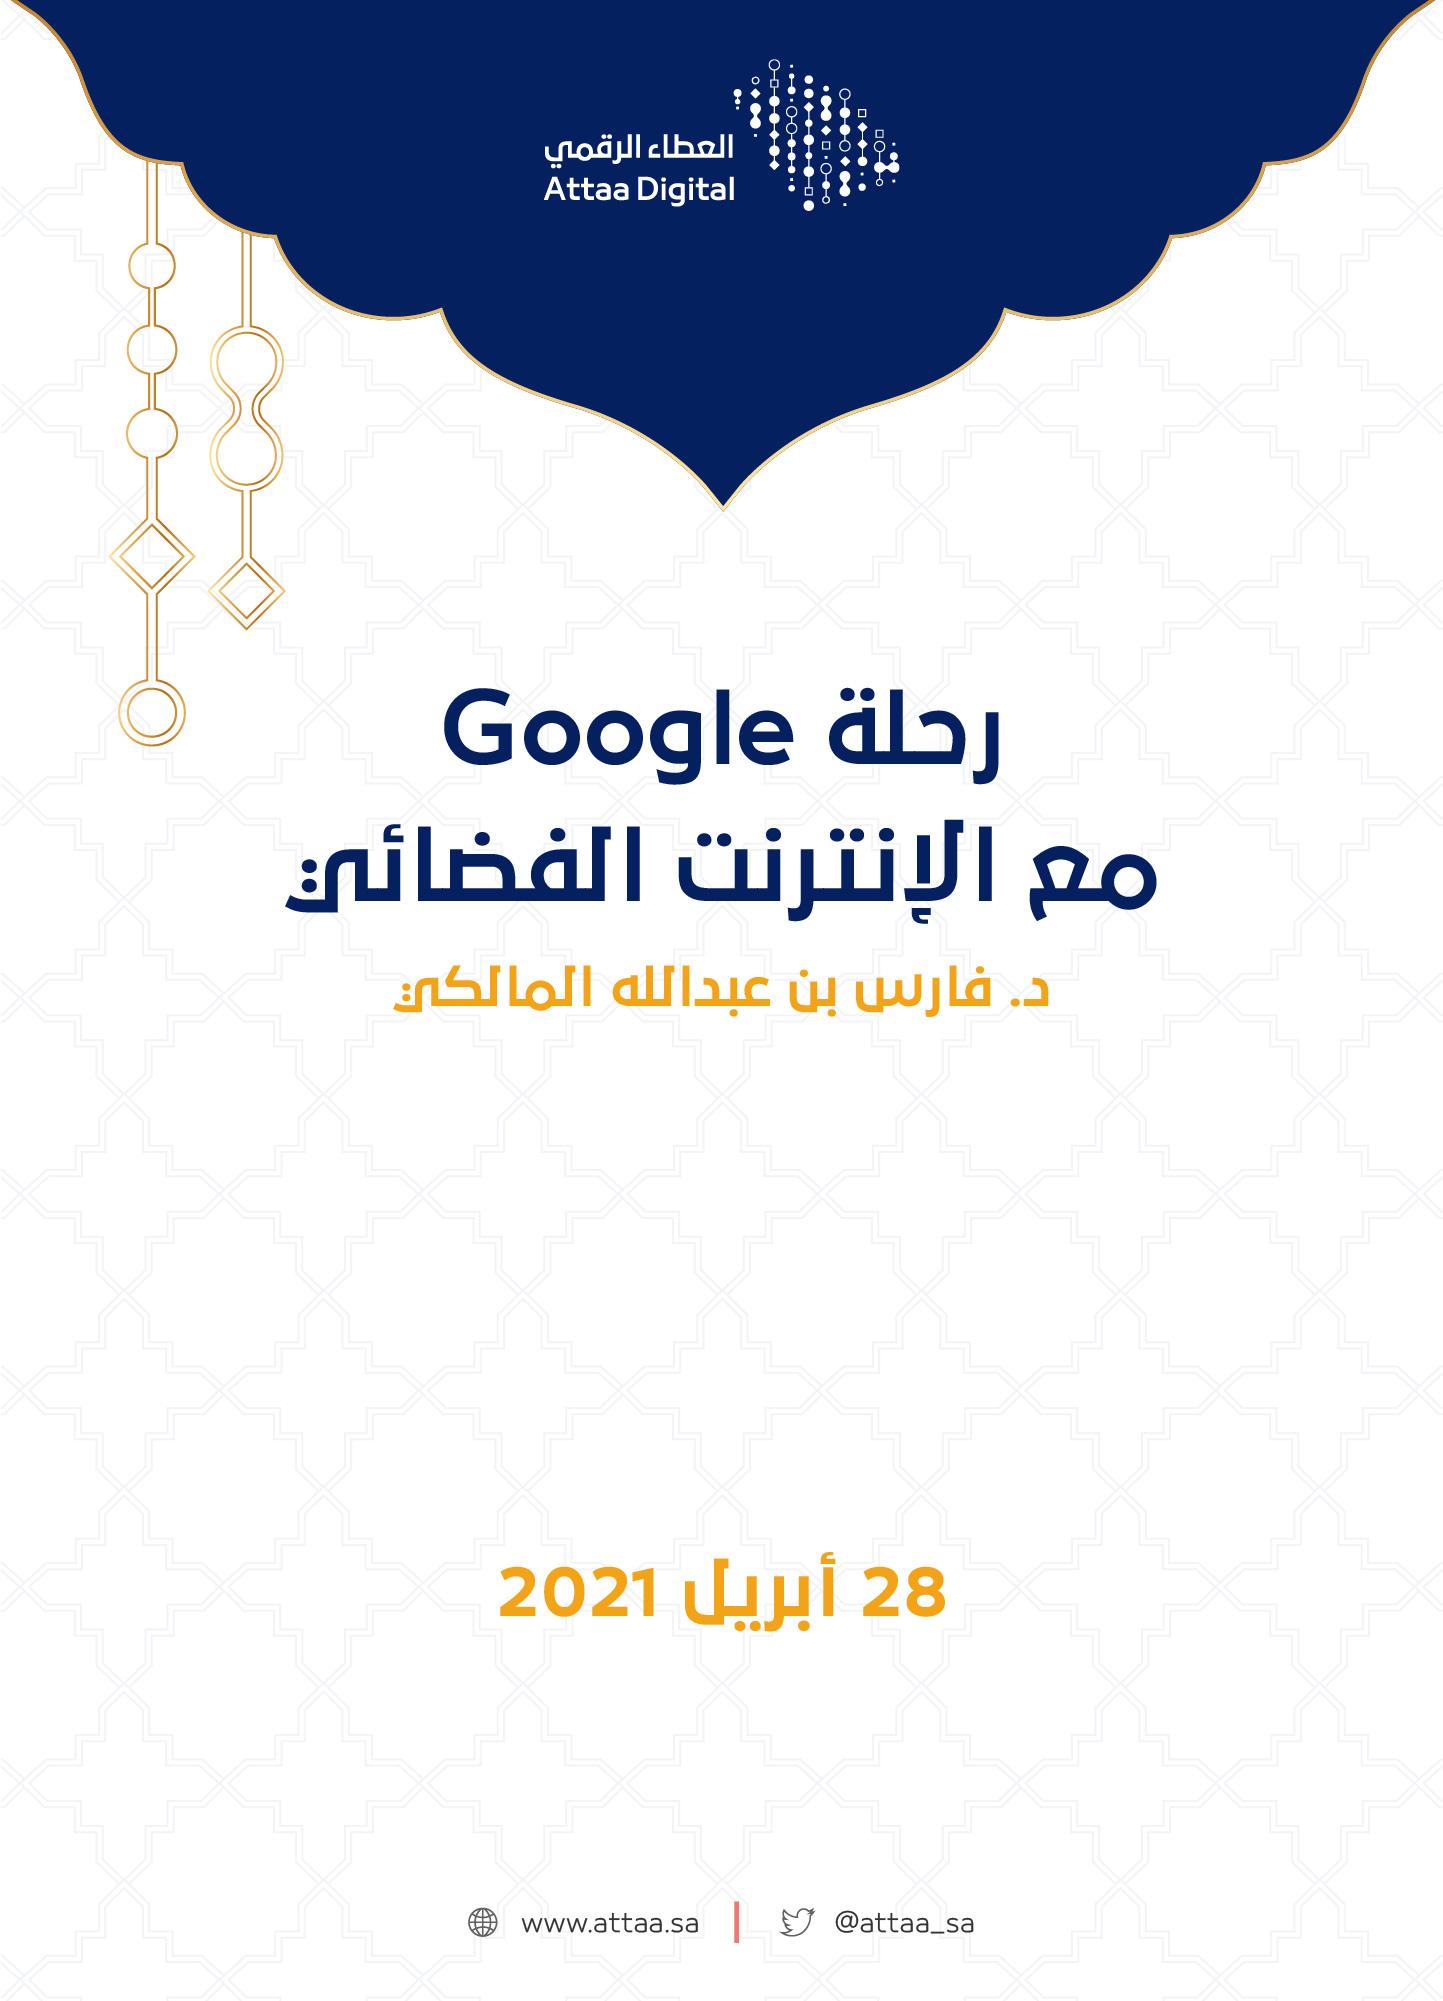 رحلة Google مع الإنترنت الفضائي